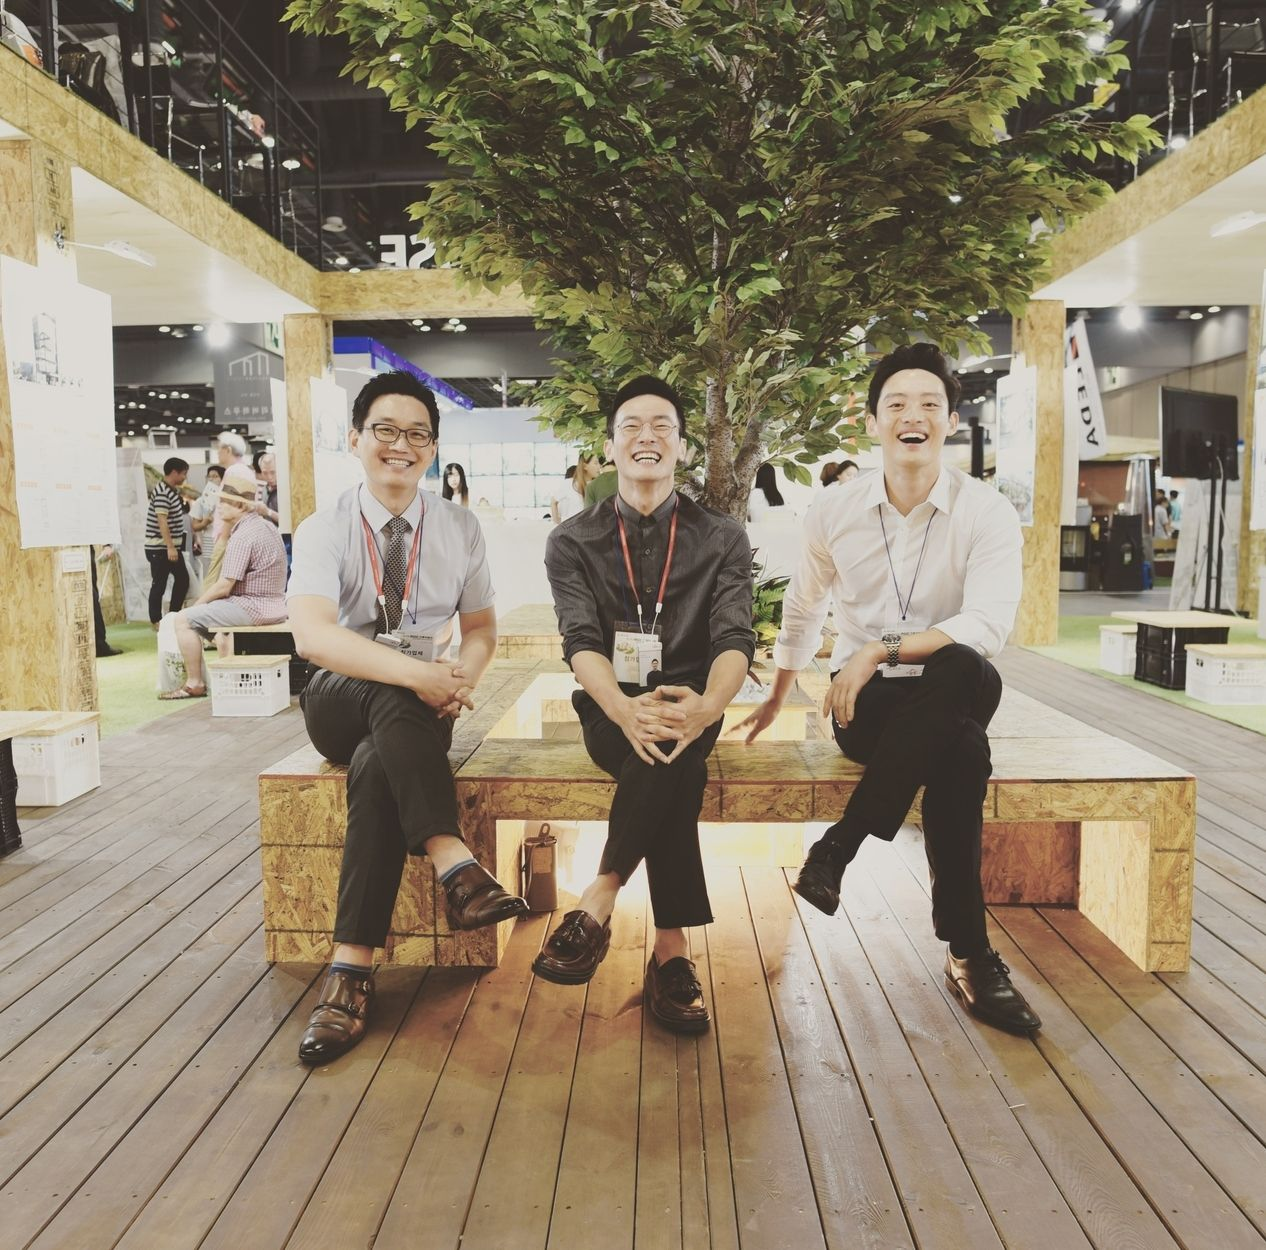 [홈트리오(주) About us] 전원주택 전문 건축 디자인 그룹 'HOMETRIO'입니다